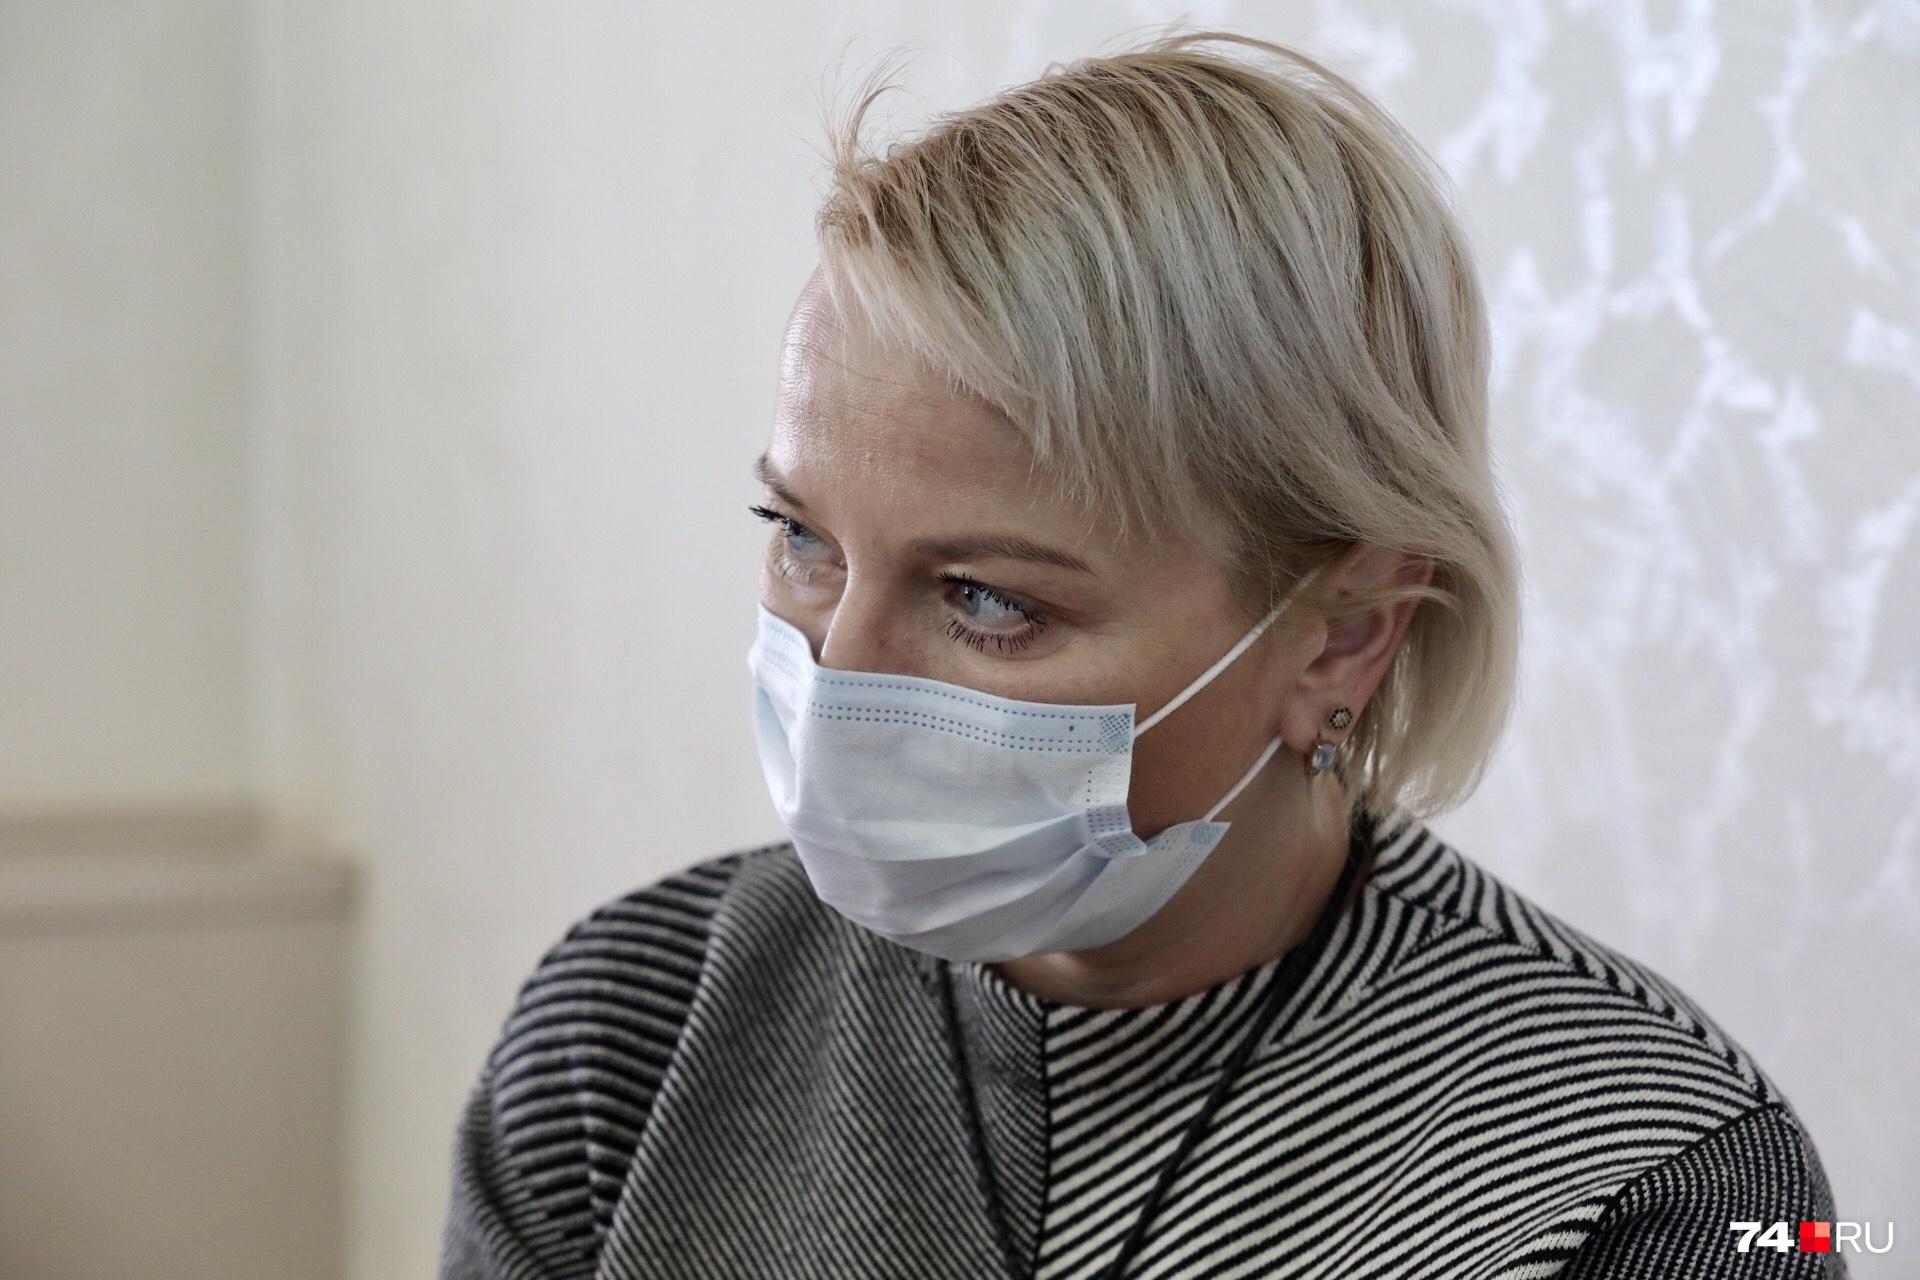 После выписки из челябинской больницы девушка проходила реабилитацию в частных клиниках, напомнила Наталья Гилёва